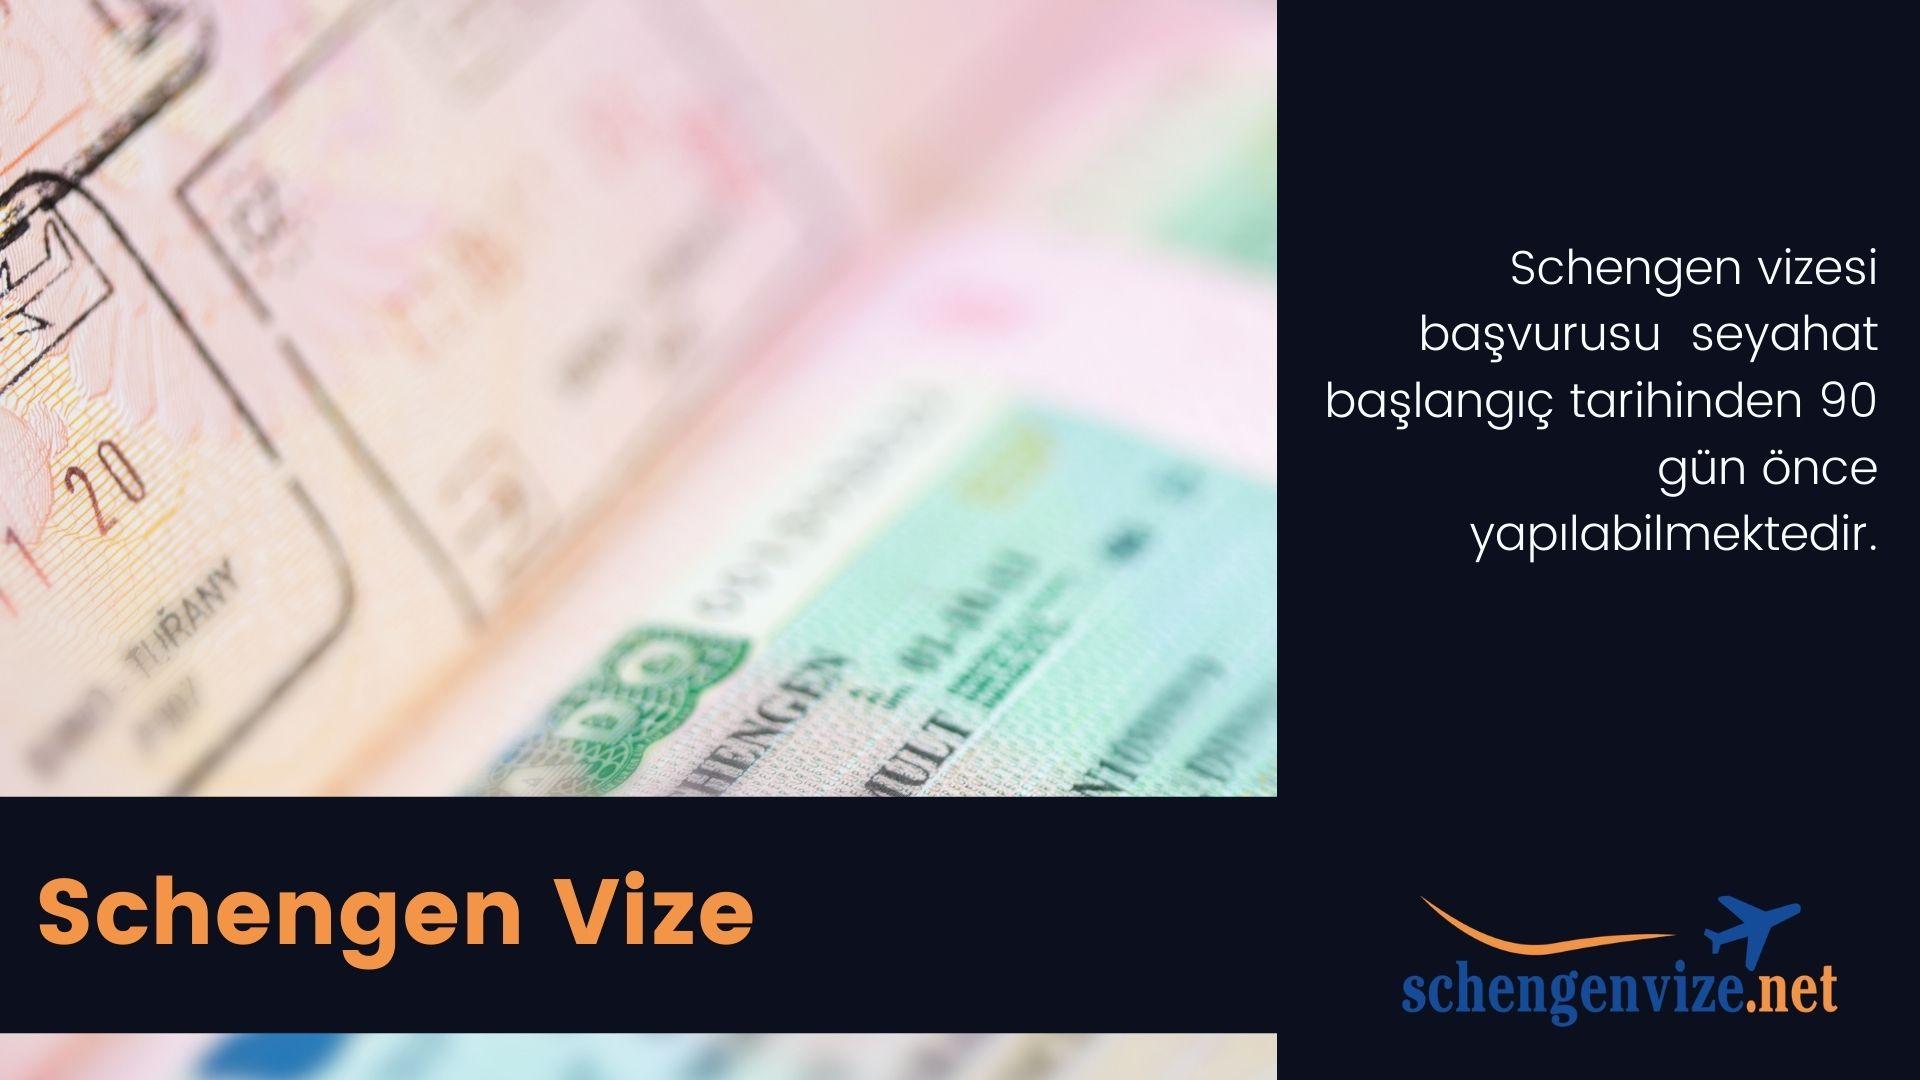 Schengen (Avrupa)Vize